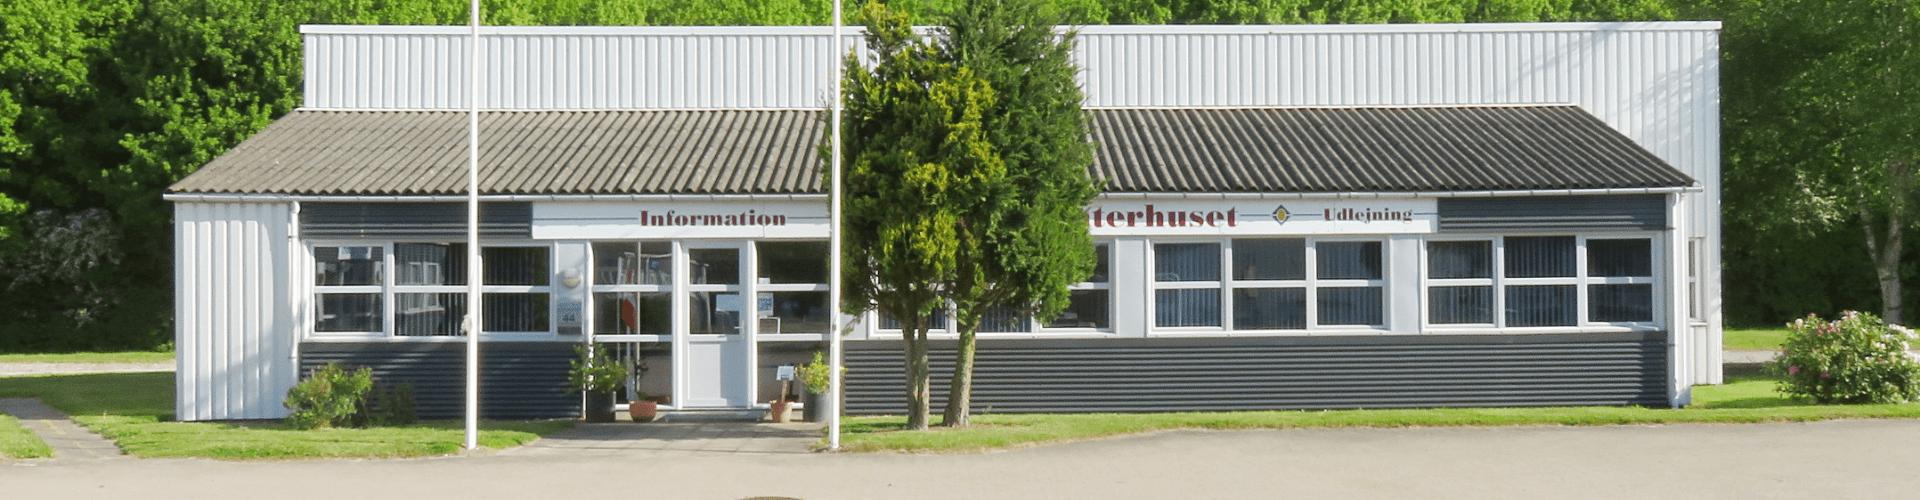 Randers_Erhvervscenter_Syd_Centerhuset_administration_information_udlejning_af_lokaler_til_administration_og_produktion